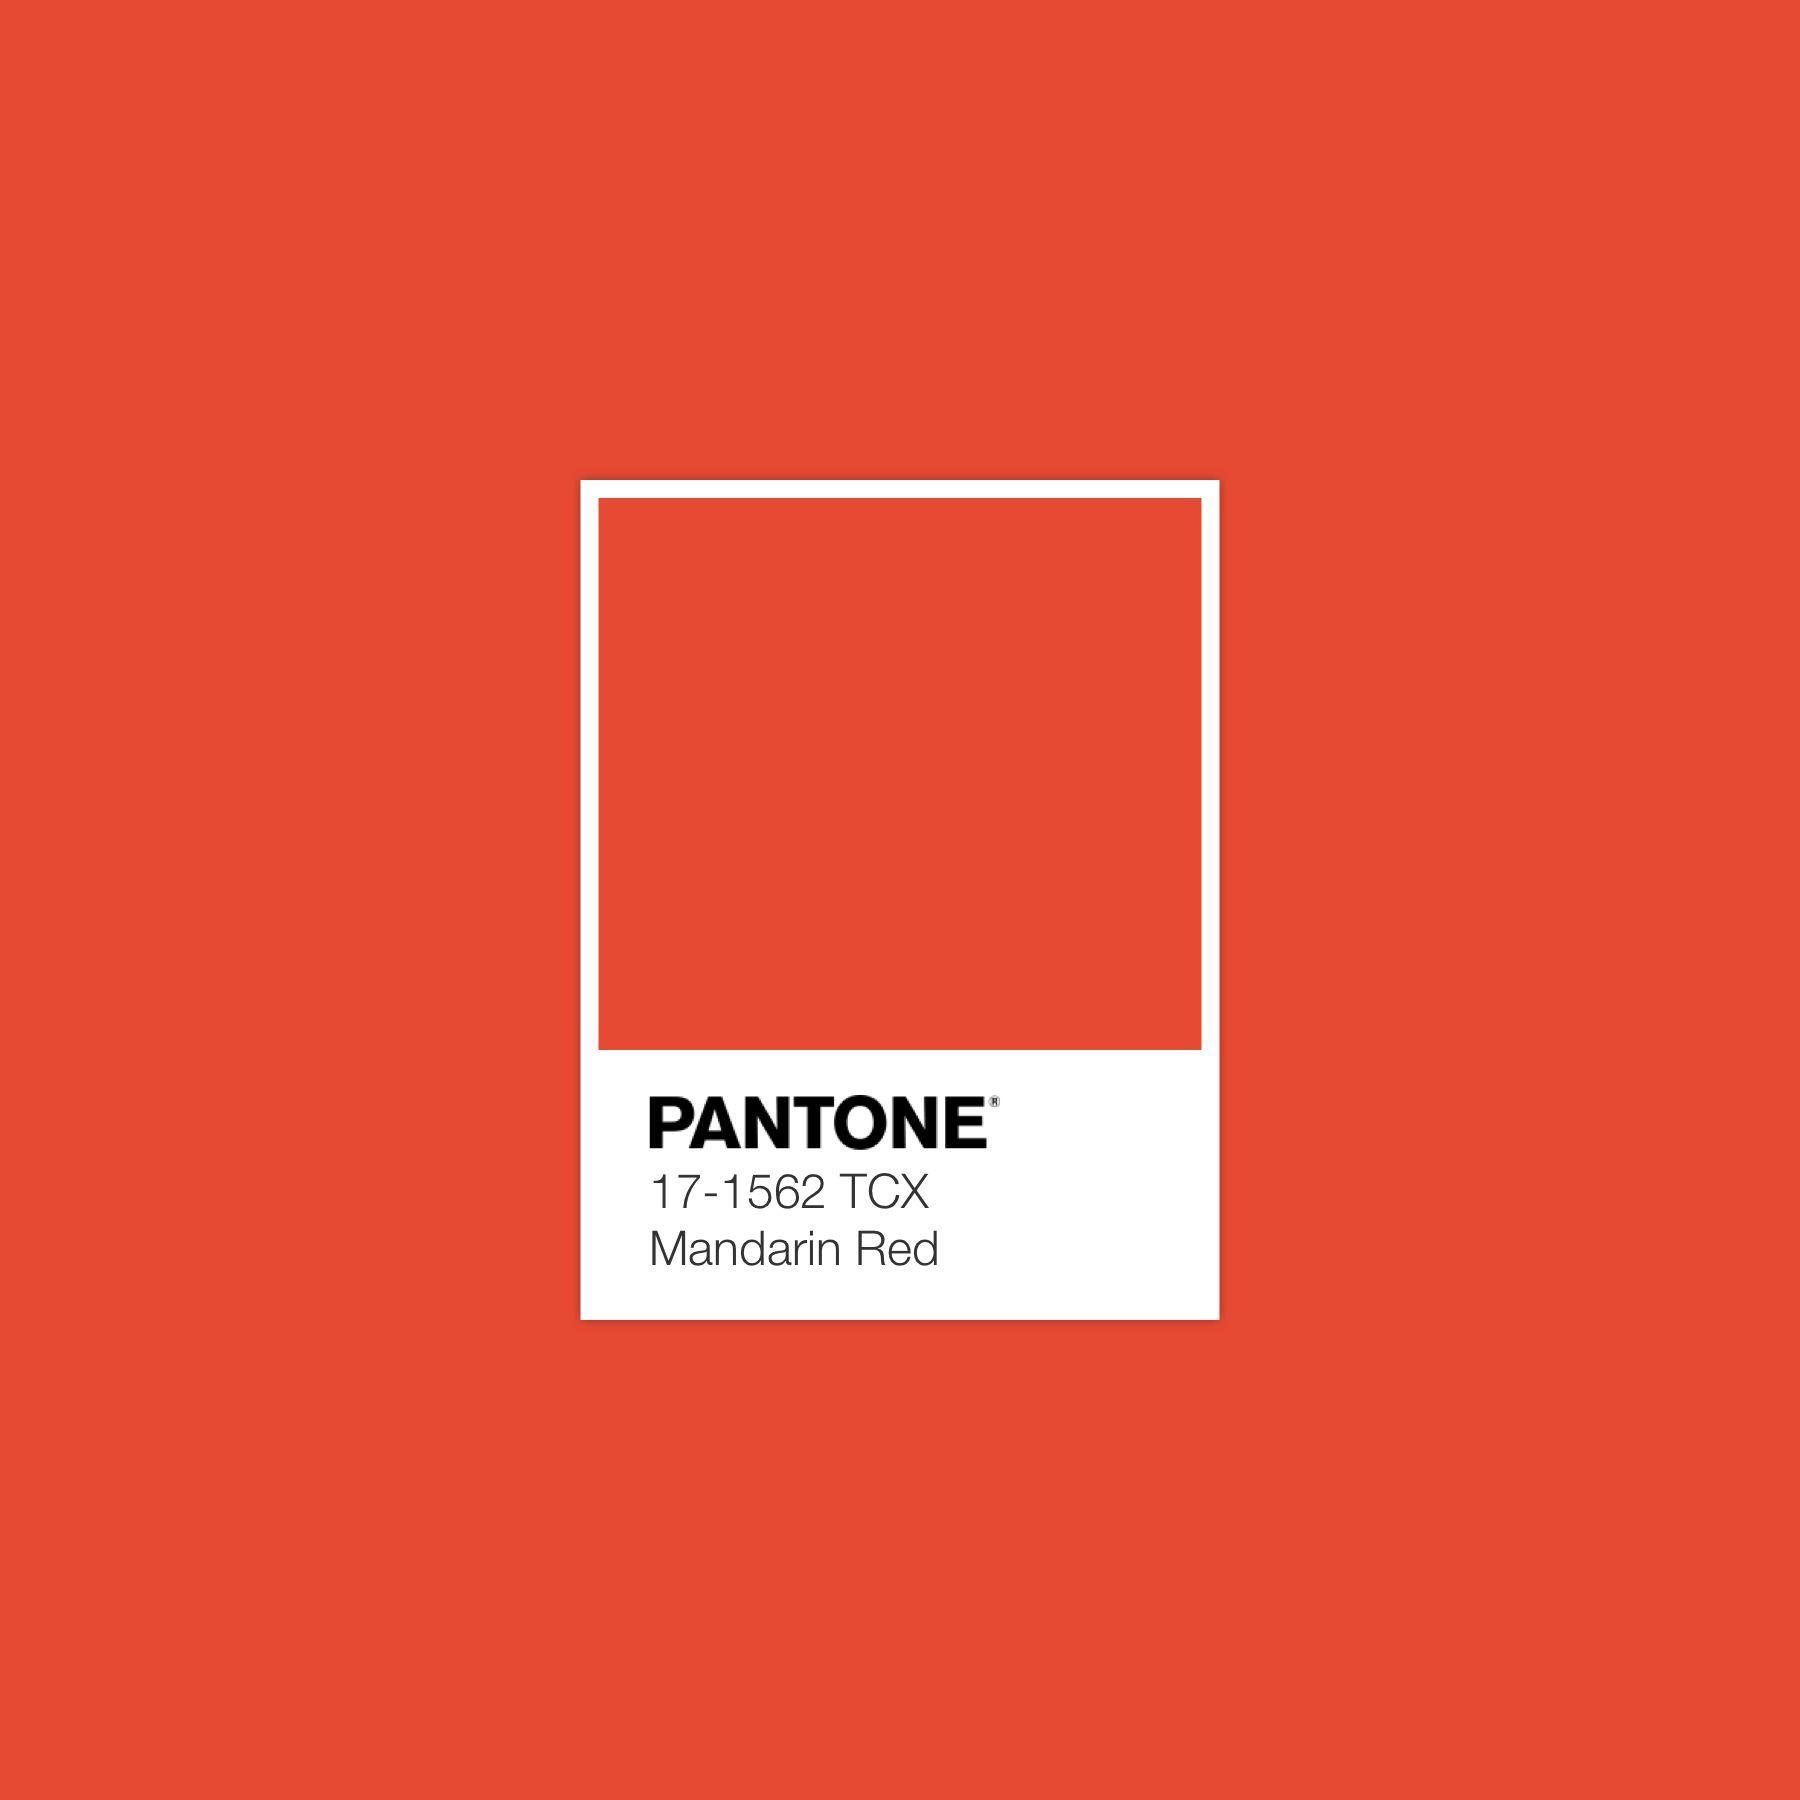 Pantone   Pantone red, Pantone color, Pantone orange